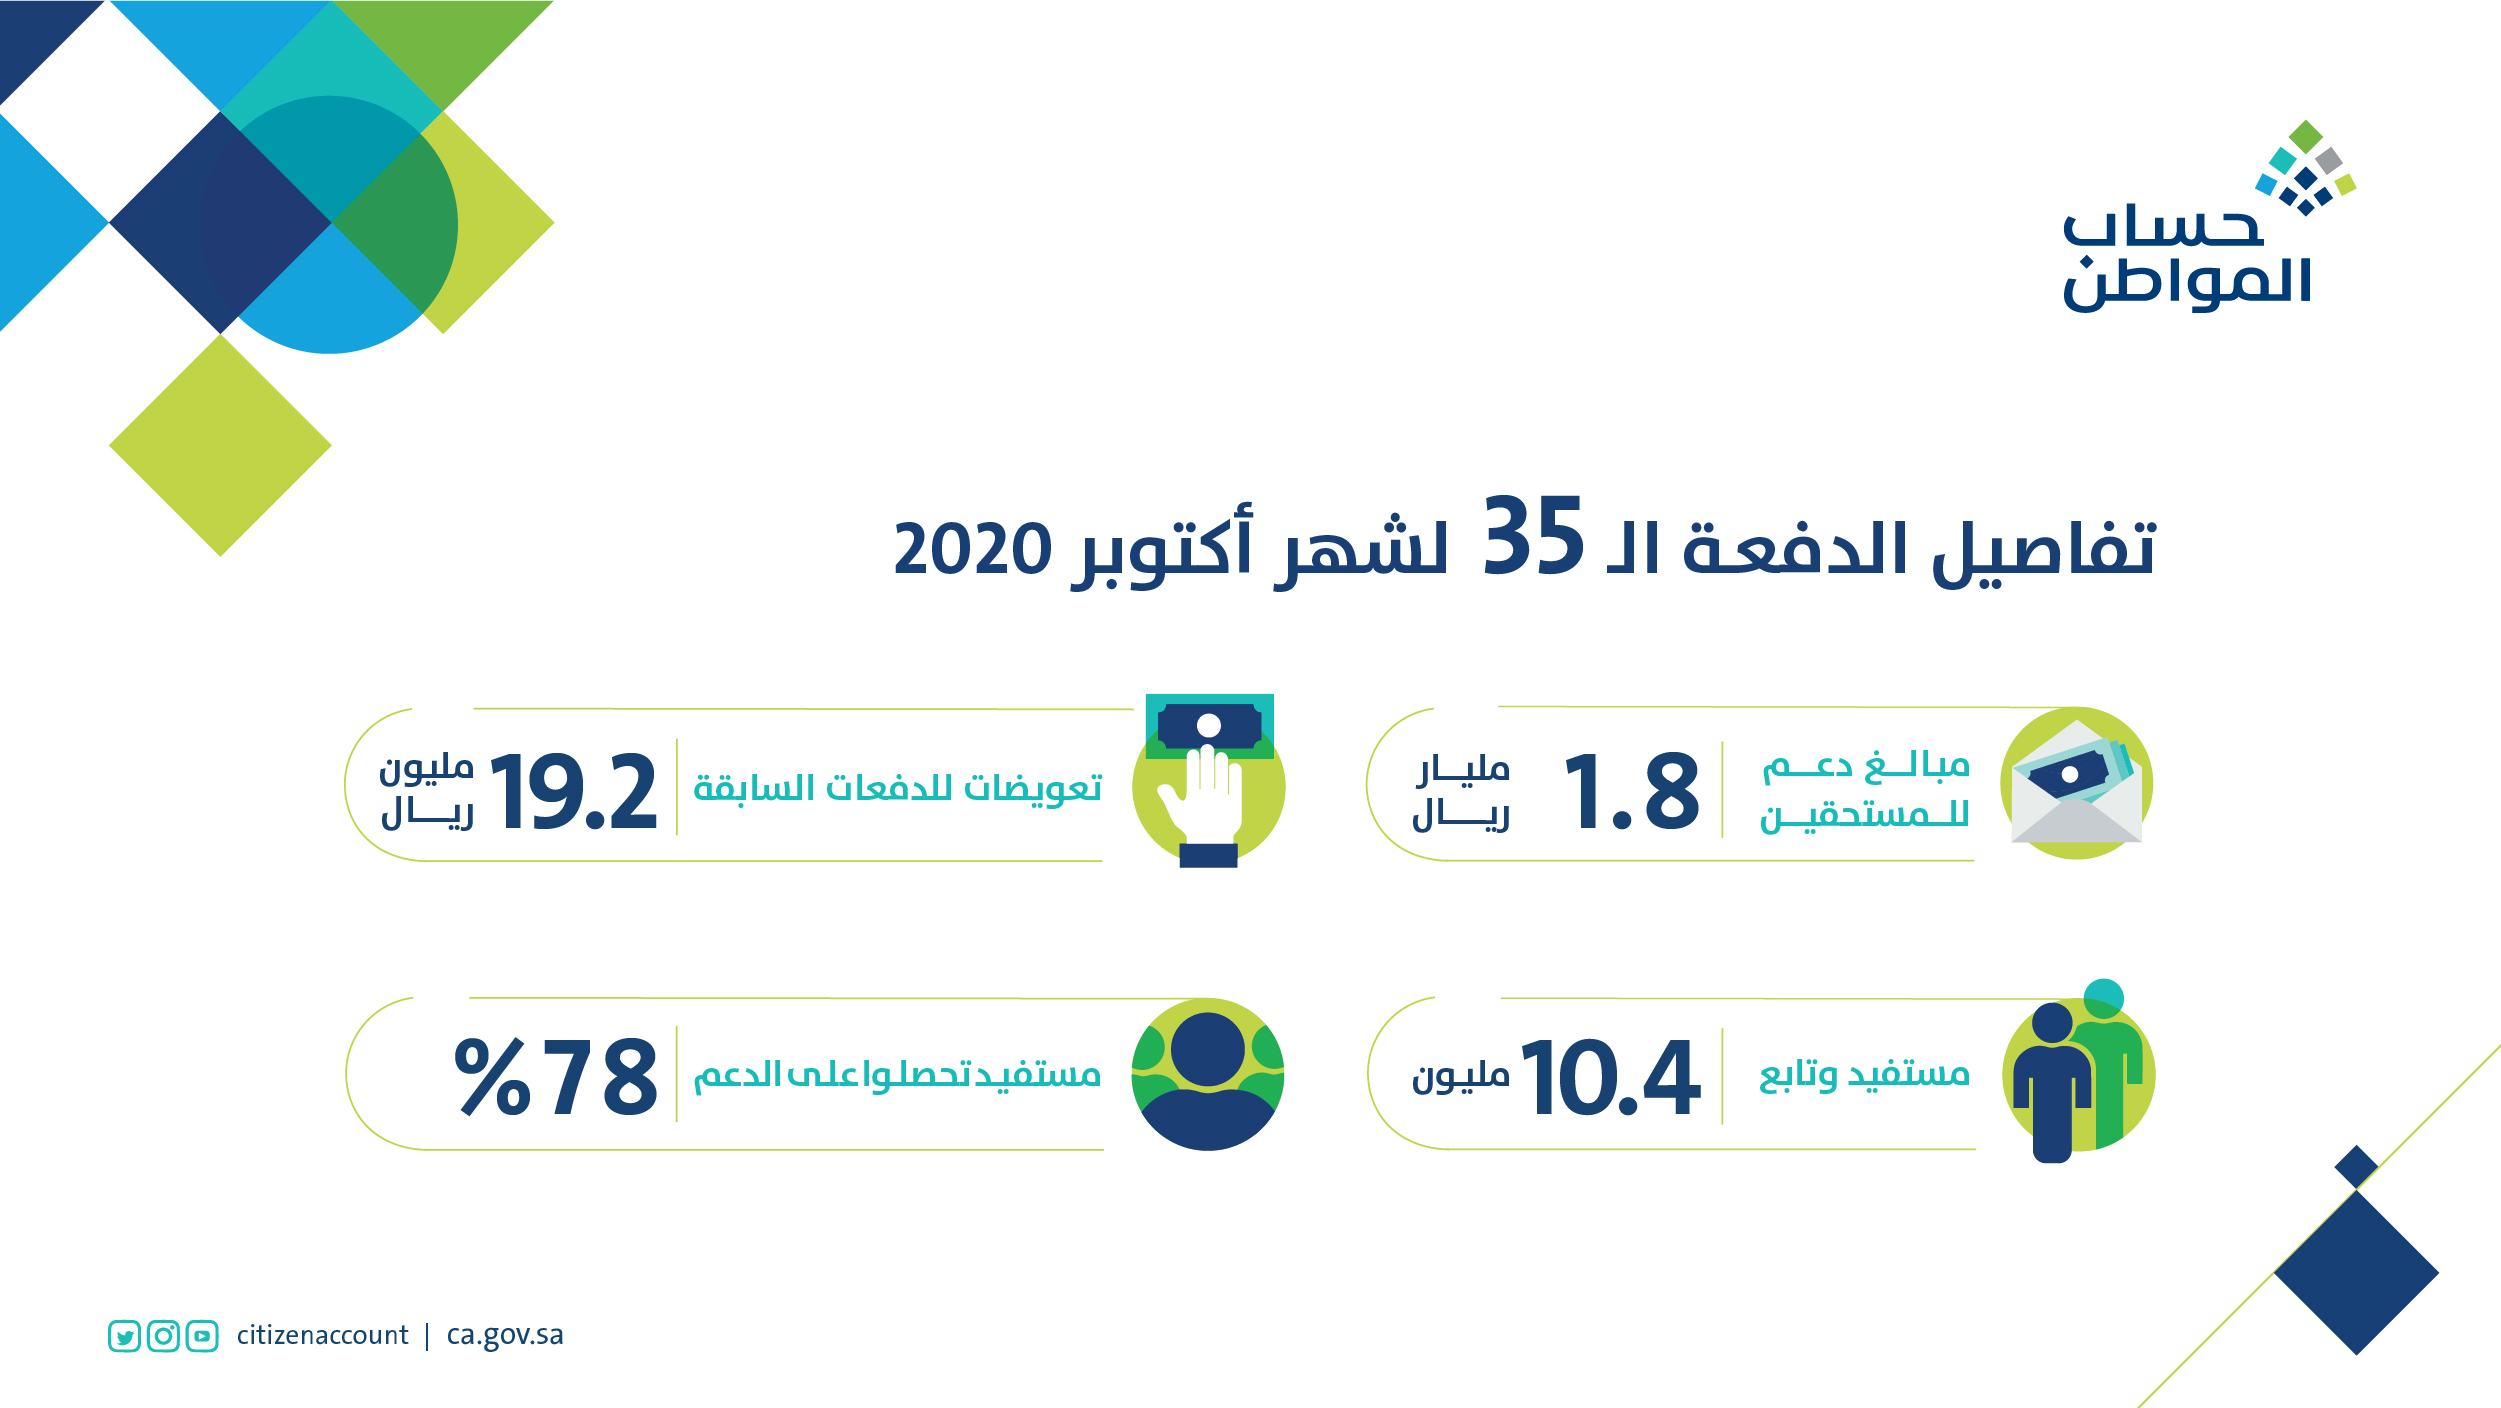 حساب المواطن أصدر نتائج الأهلية